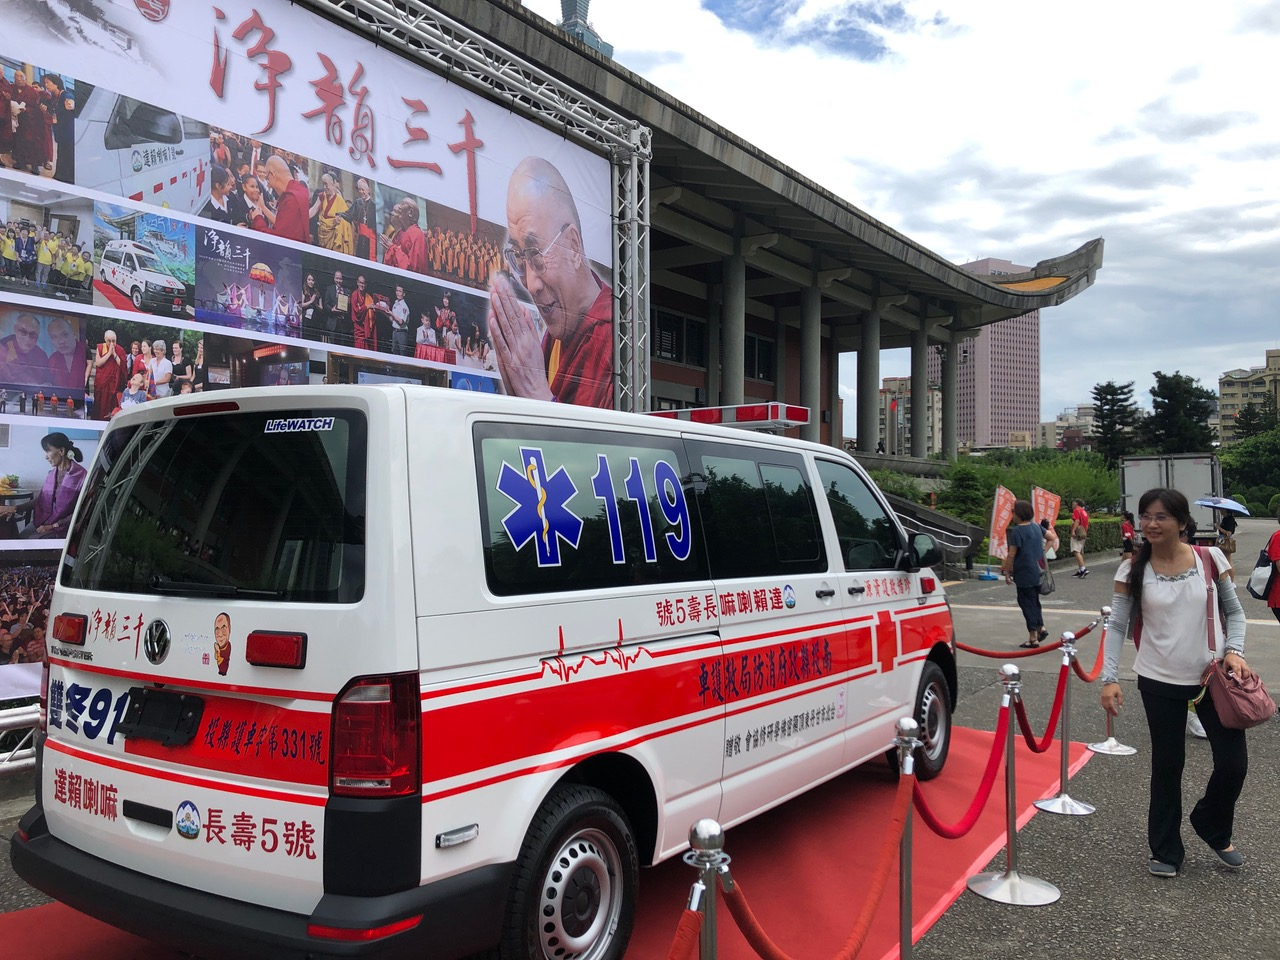 """佛教徒集资捐赠""""达赖喇嘛长寿五号""""救护车给消防队。(记者夏小华摄"""